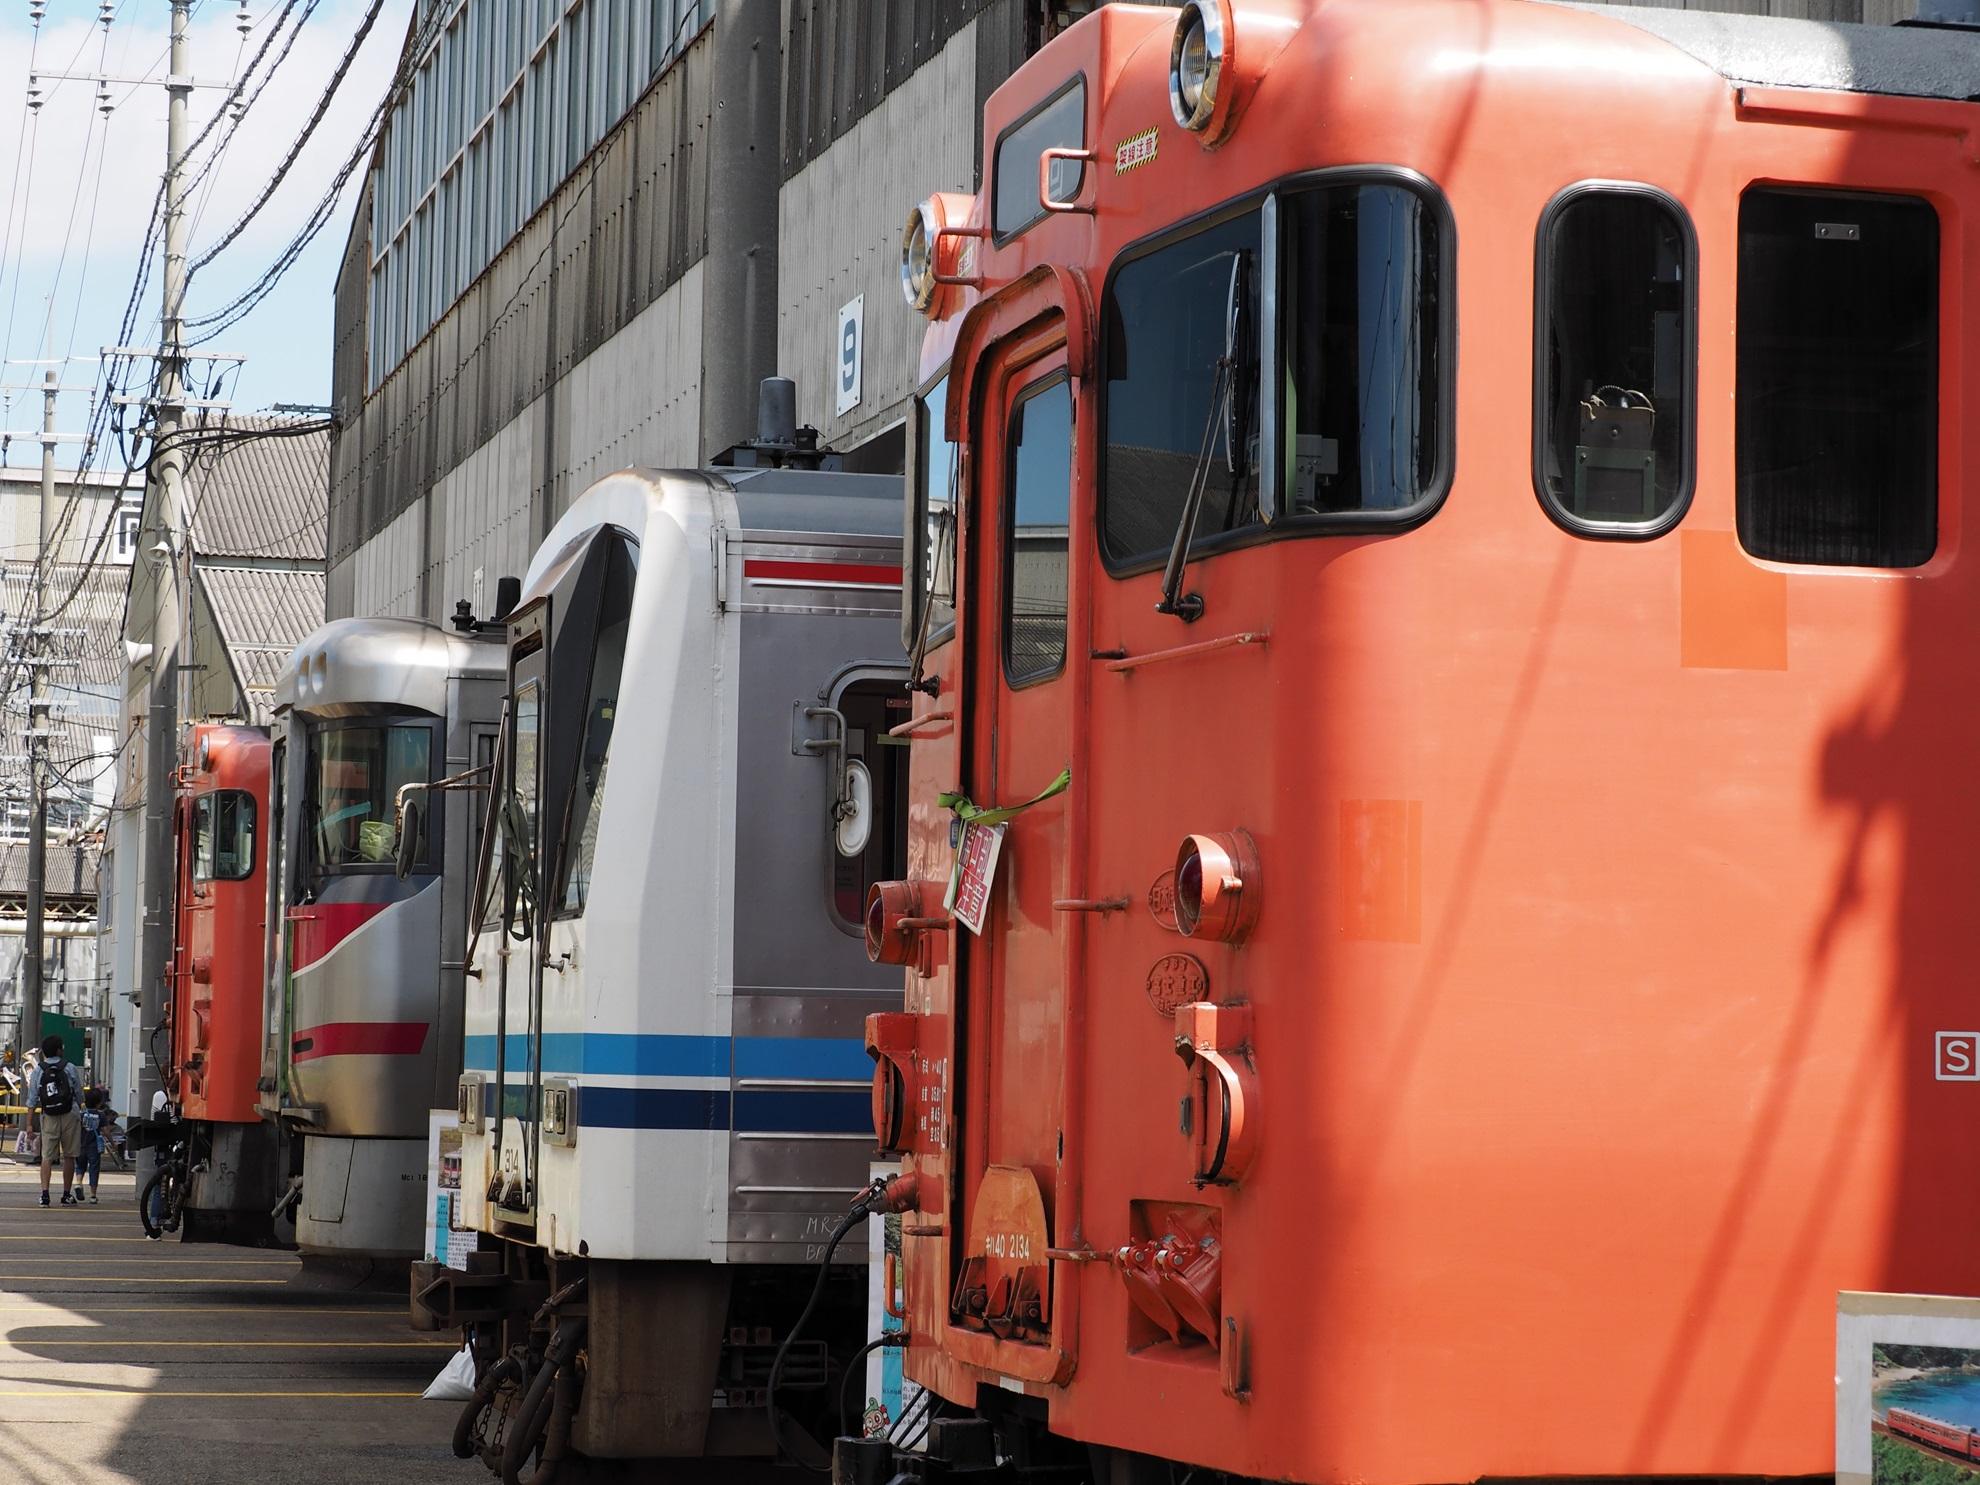 後藤総合車両所一般公開 2015 展示車両2